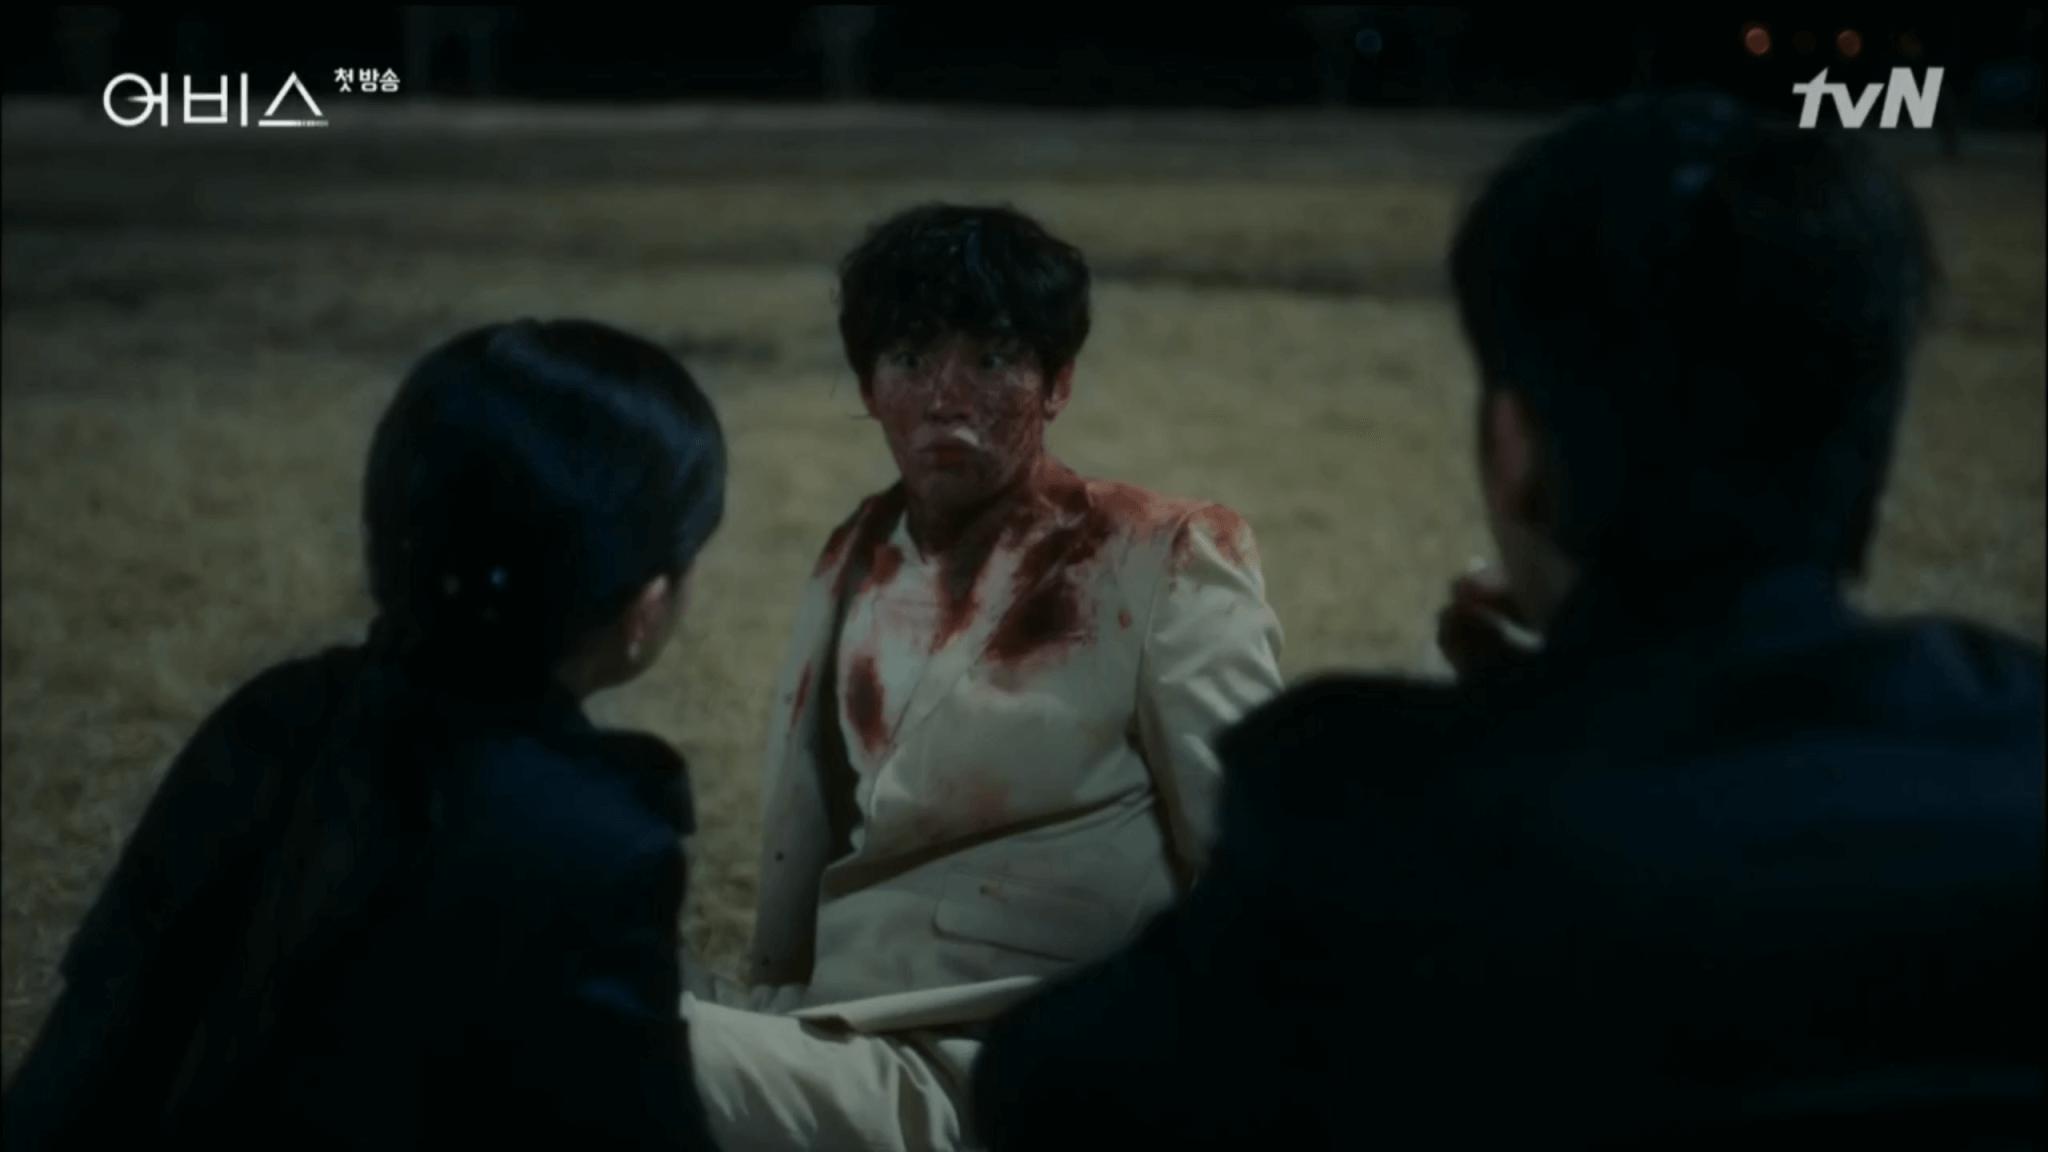 劇集播出不到一半,身為男主角的安孝燮就已經死了兩次,嚇壞觀眾。